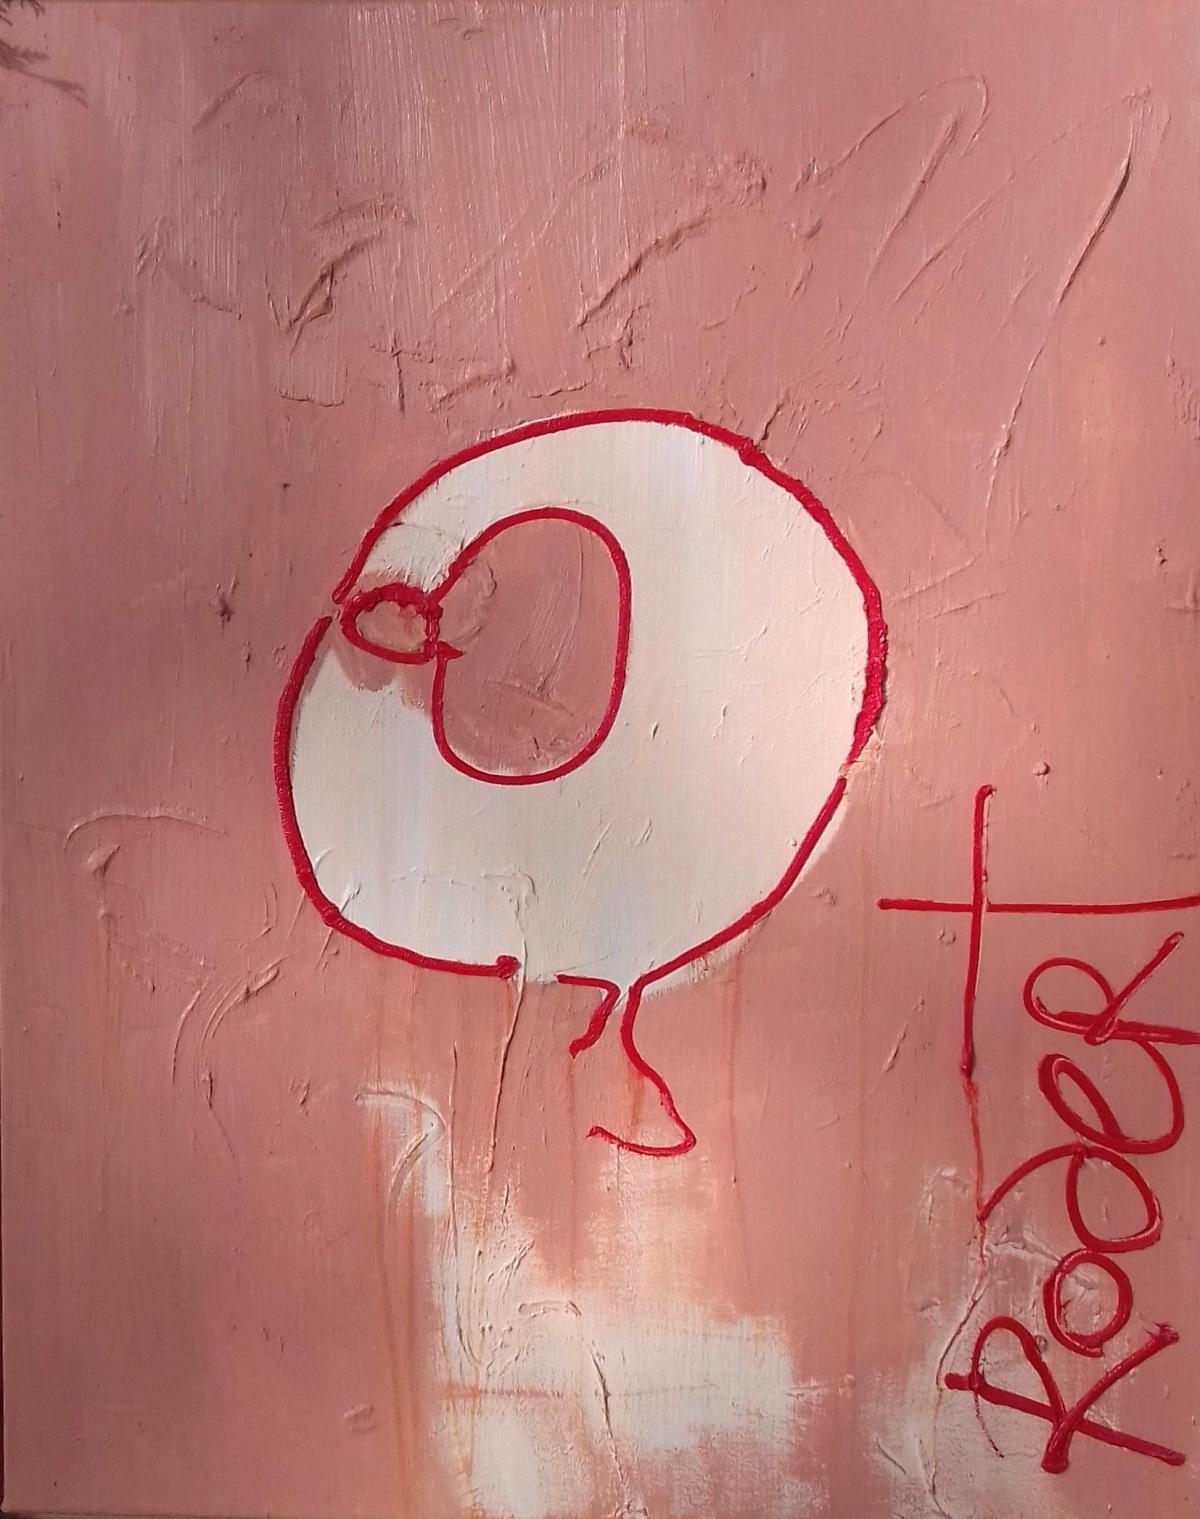 Zwaaien mag, Robert Pennekamp, olieverf op doek, 60 x 80 cm, 2016, valentijnsactie, valentijn, actie, winnen, prijsvraag, 14 februari, kiezen,